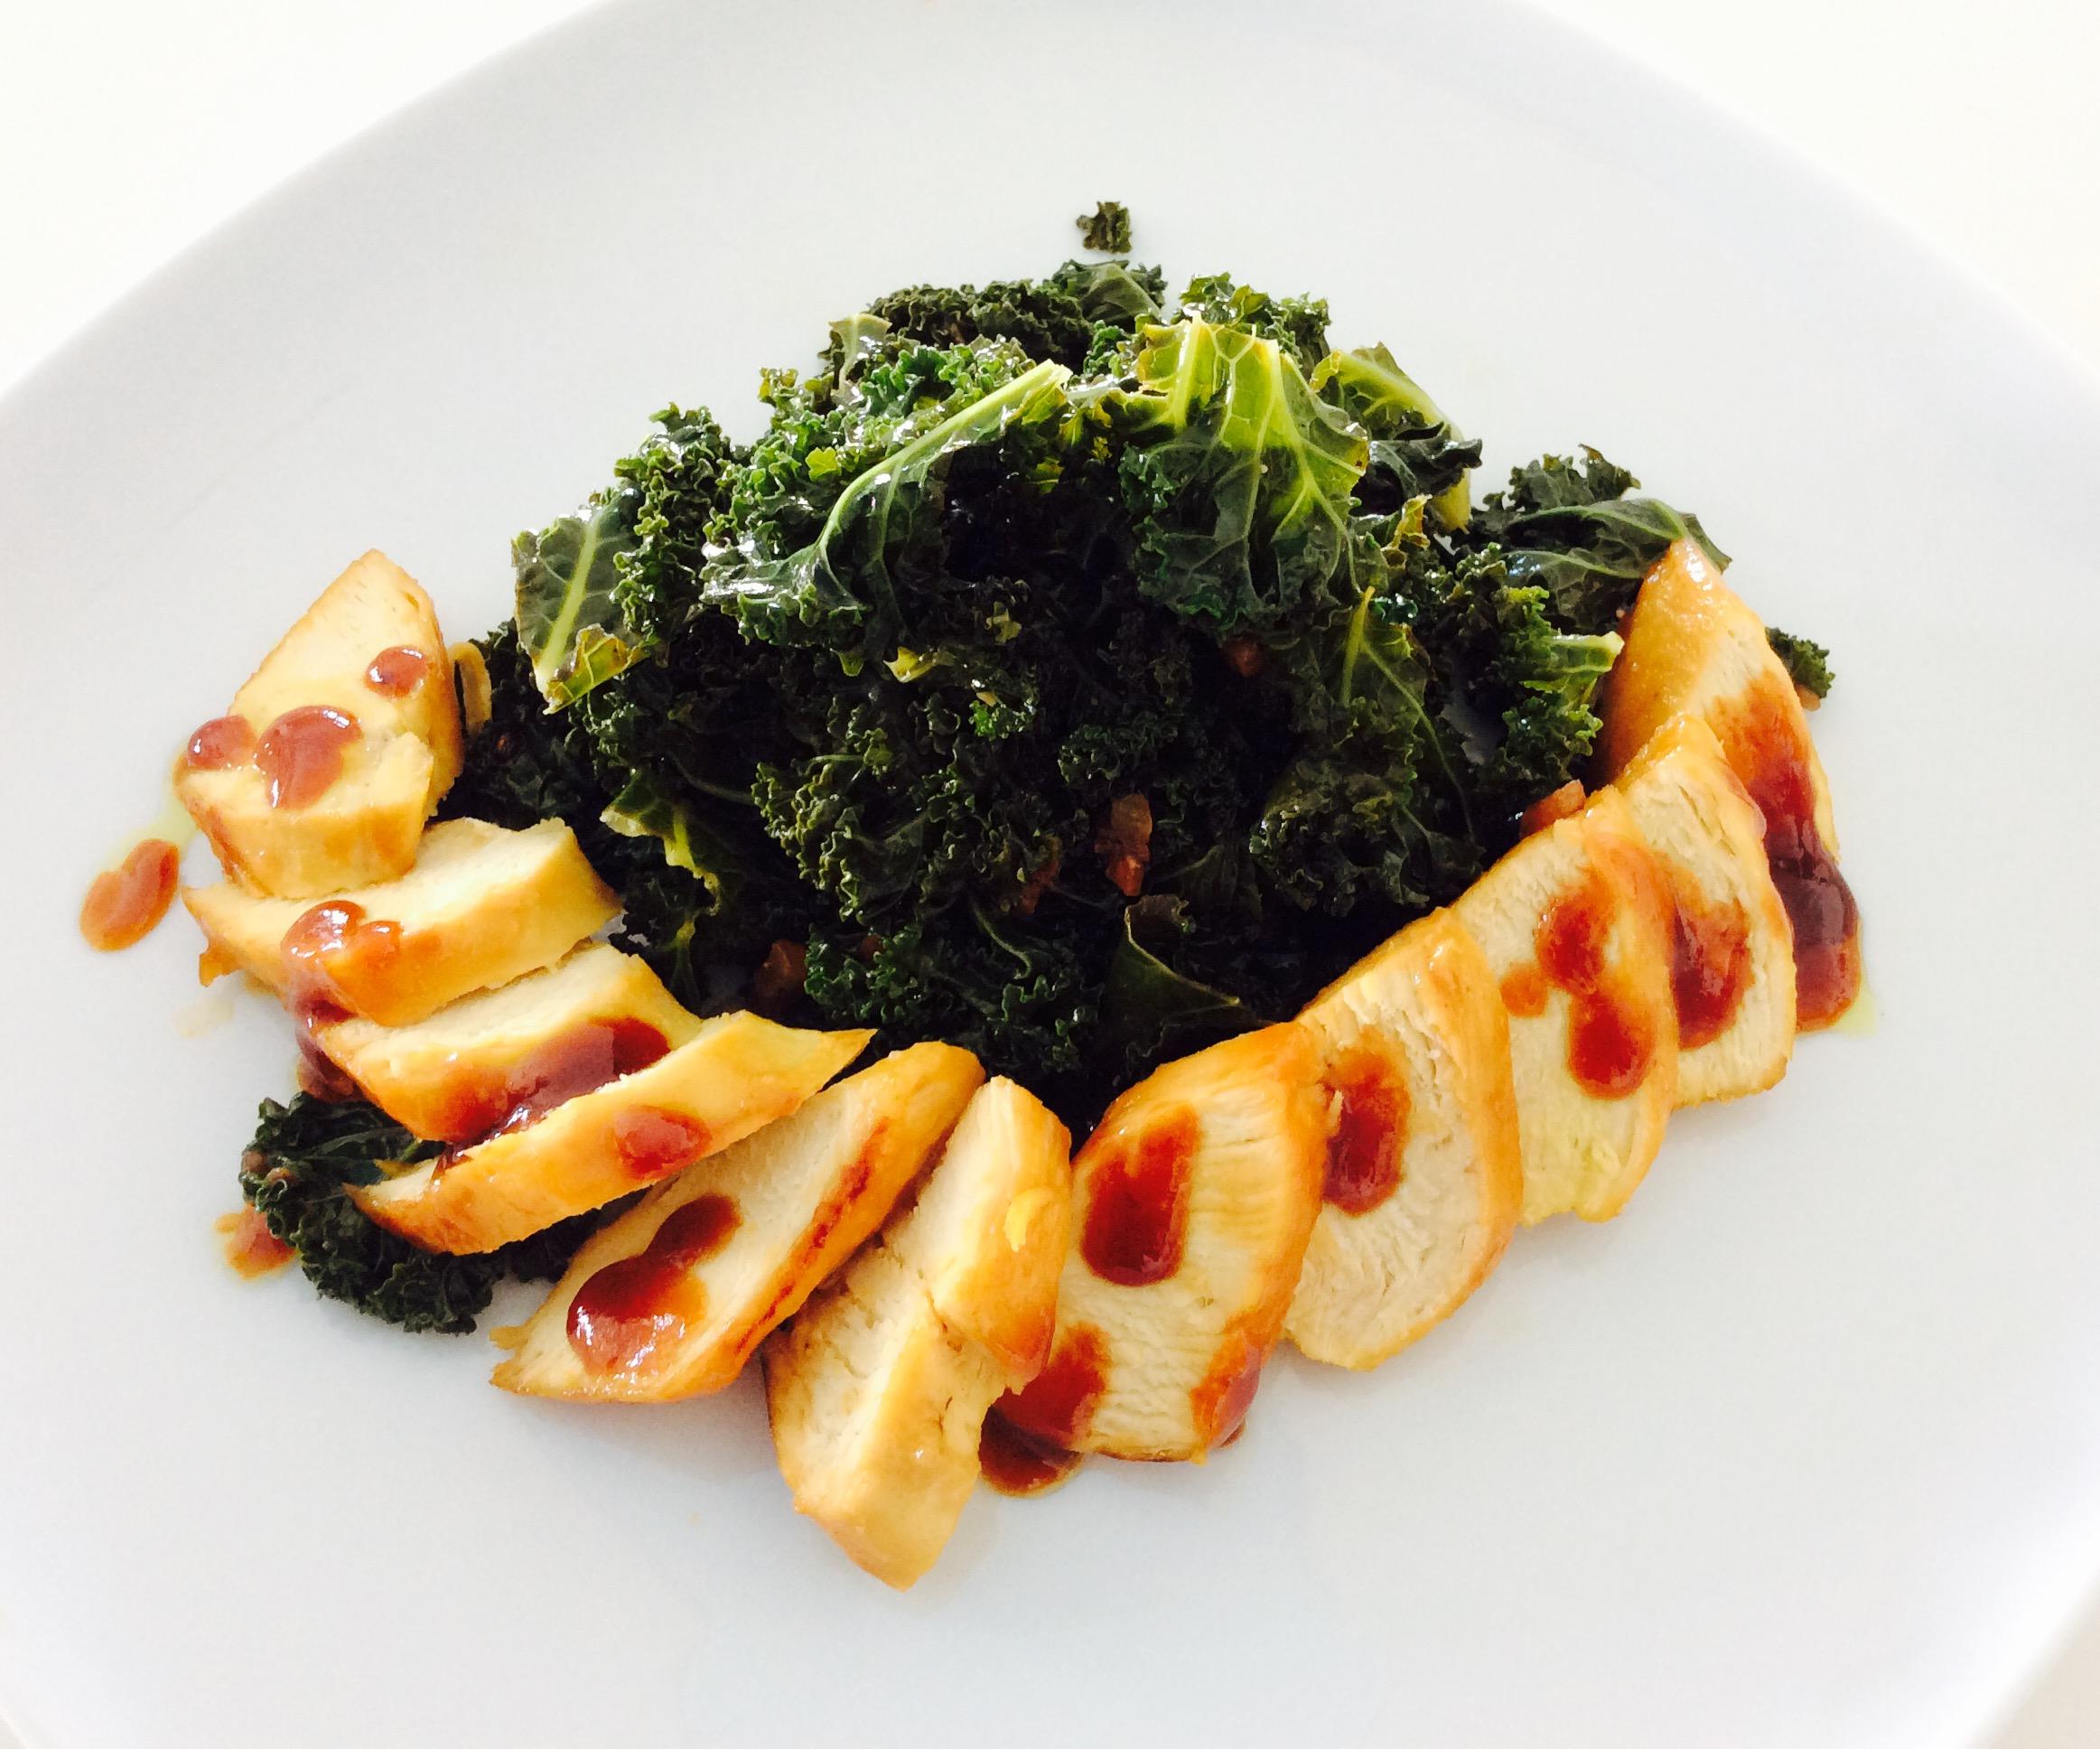 receta-pollo-miel y mostaza-ido